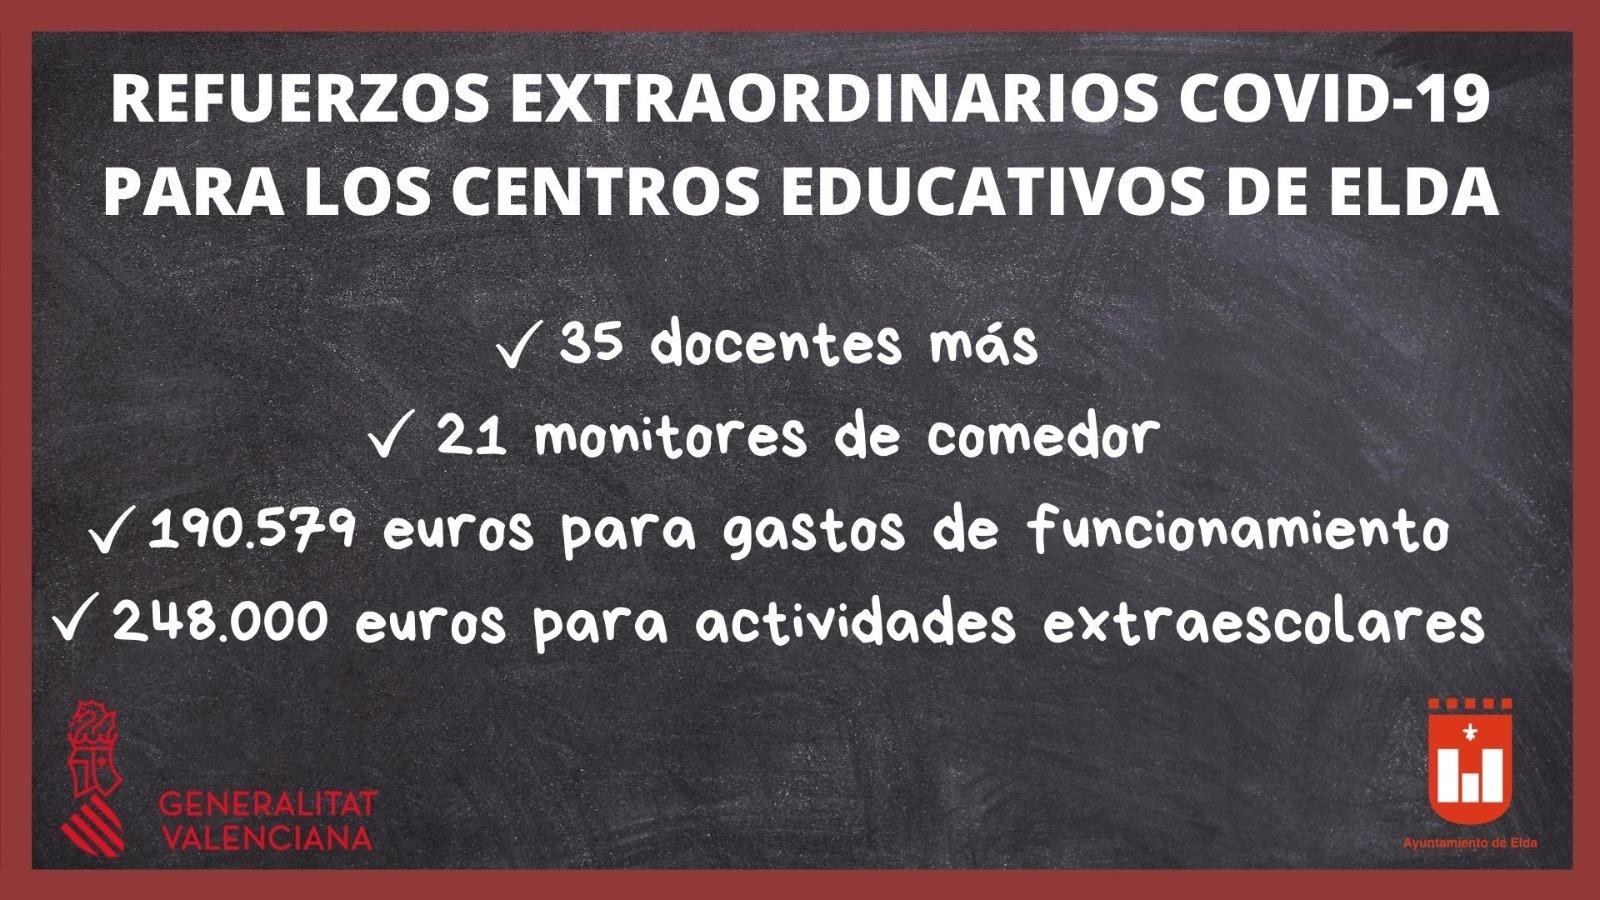 Los centros educativos de Elda contarán con un refuerzo extraordinario de 35 docentes para afrontar el curso 2020-21